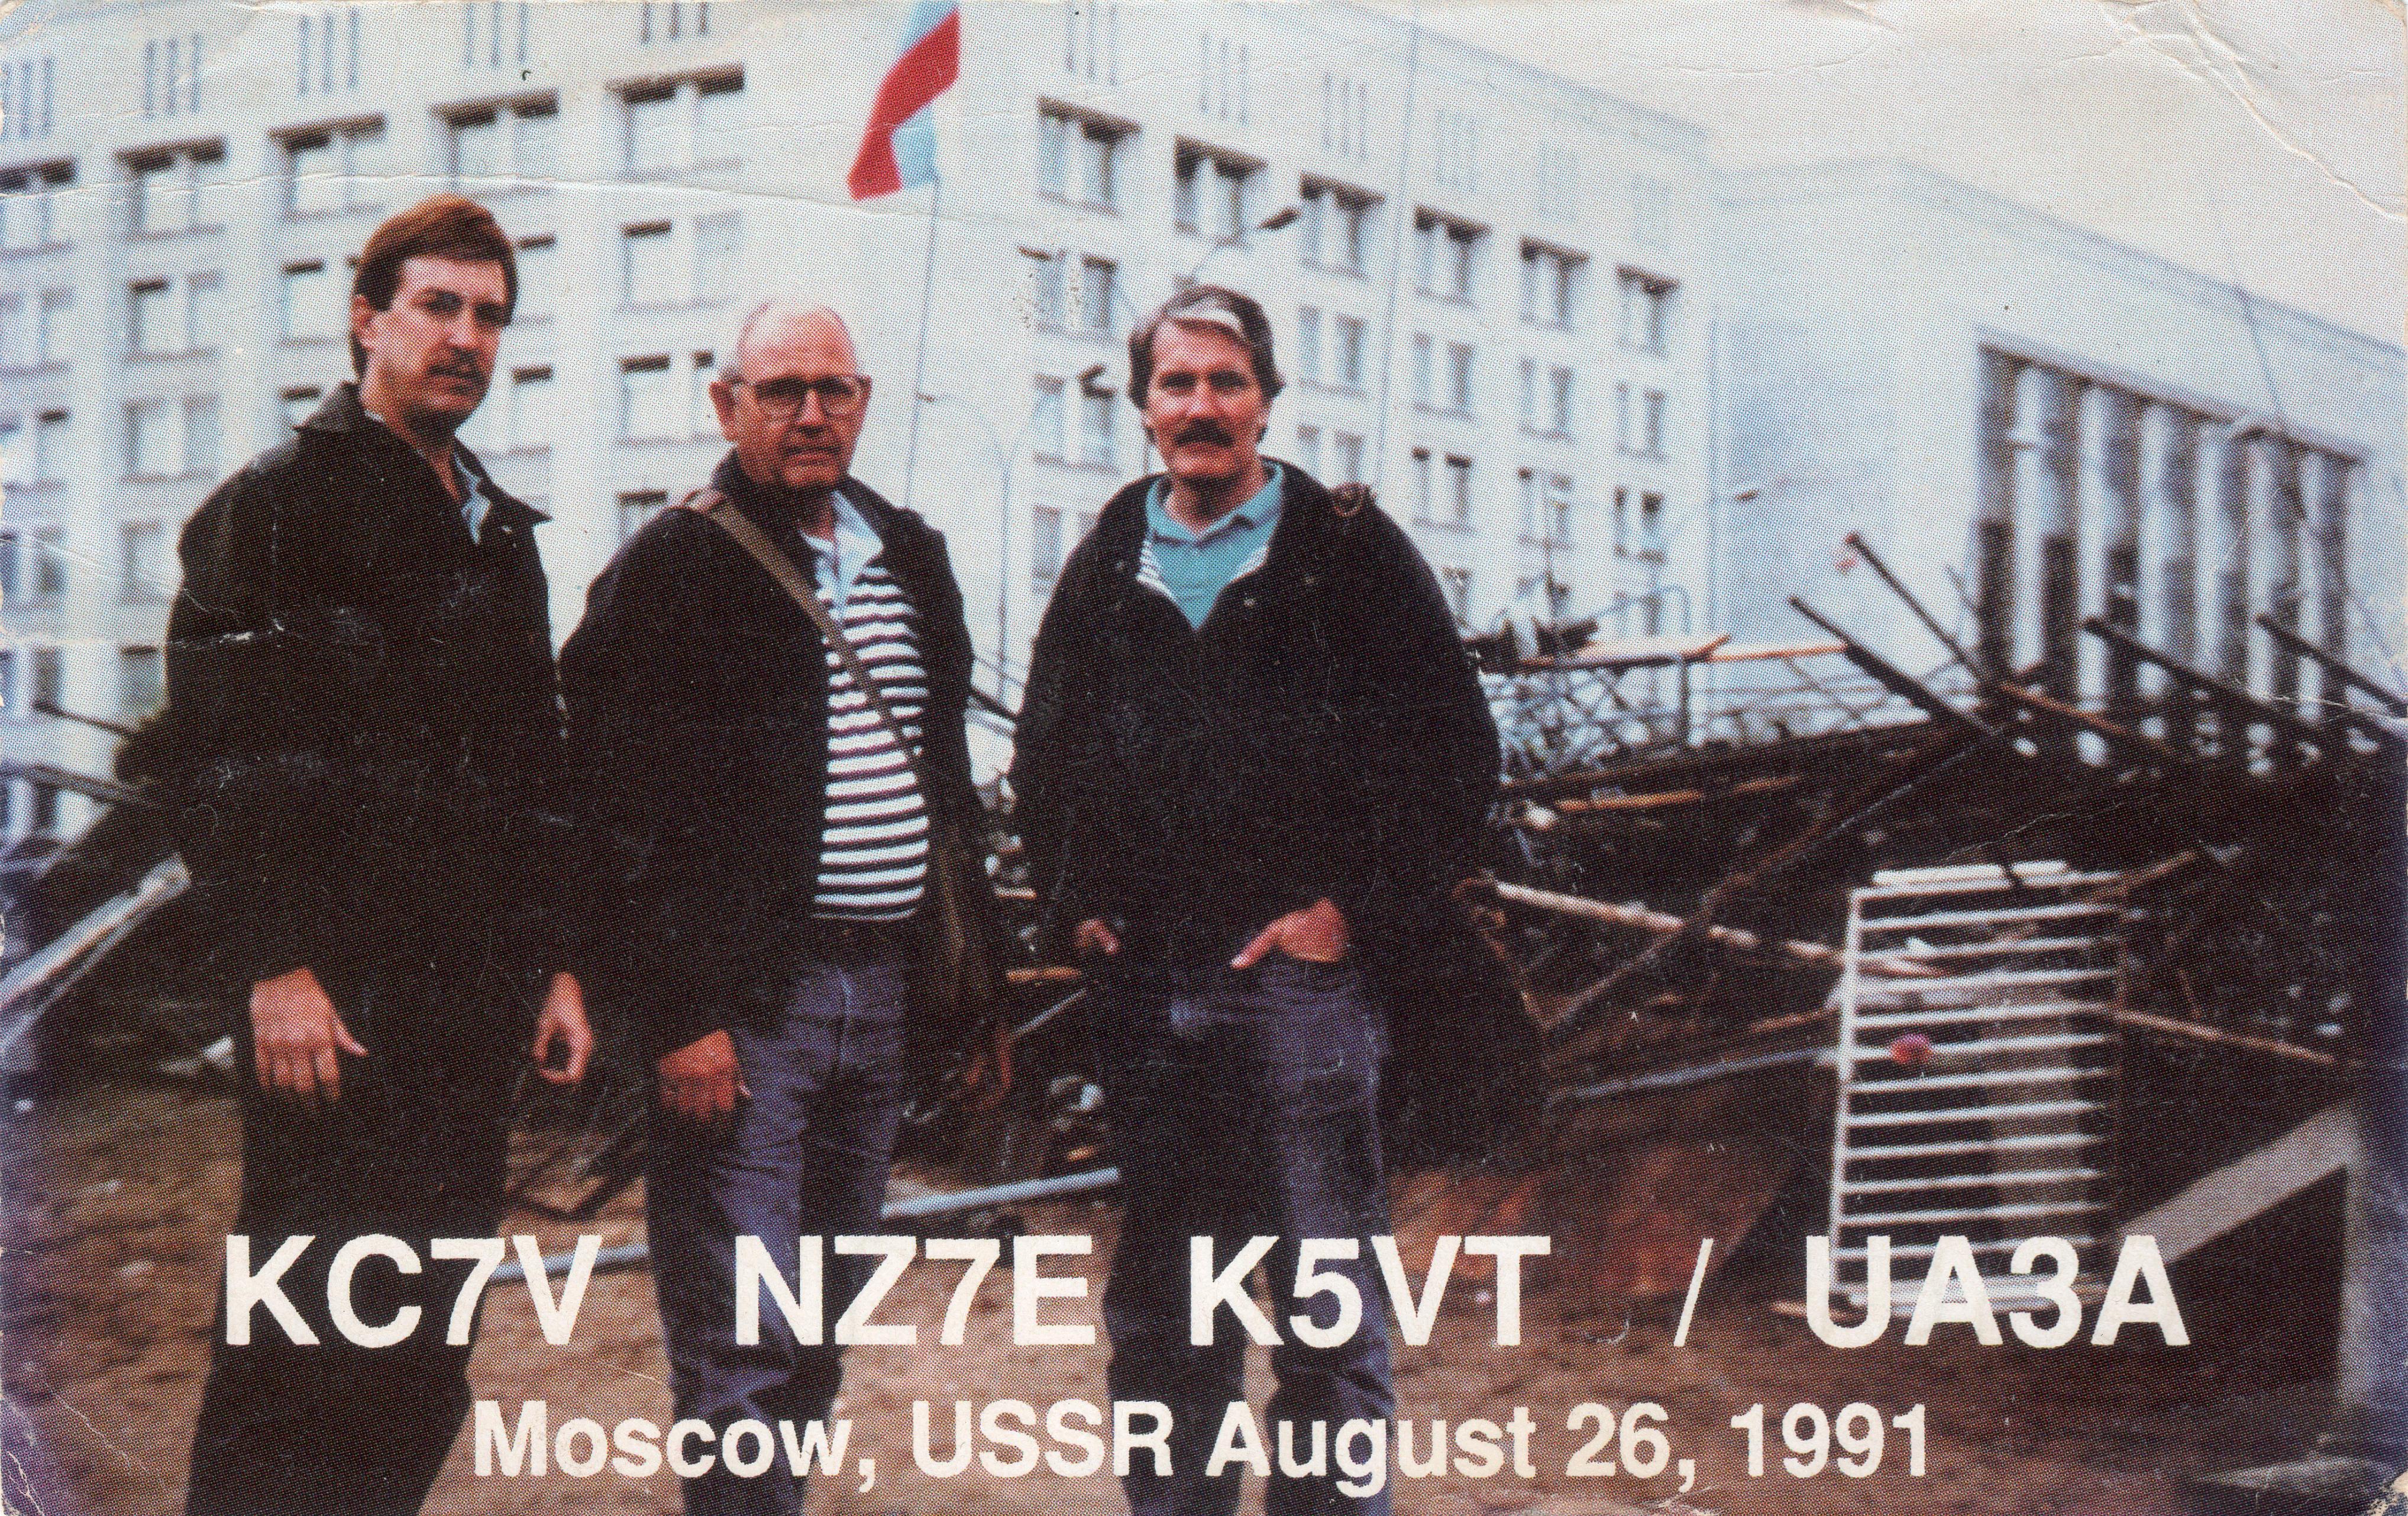 Нажмите на изображение для увеличения.  Название:RUSSIAN WHITE HOUSE_1991_1.jpg Просмотров:11 Размер:3.02 Мб ID:194085